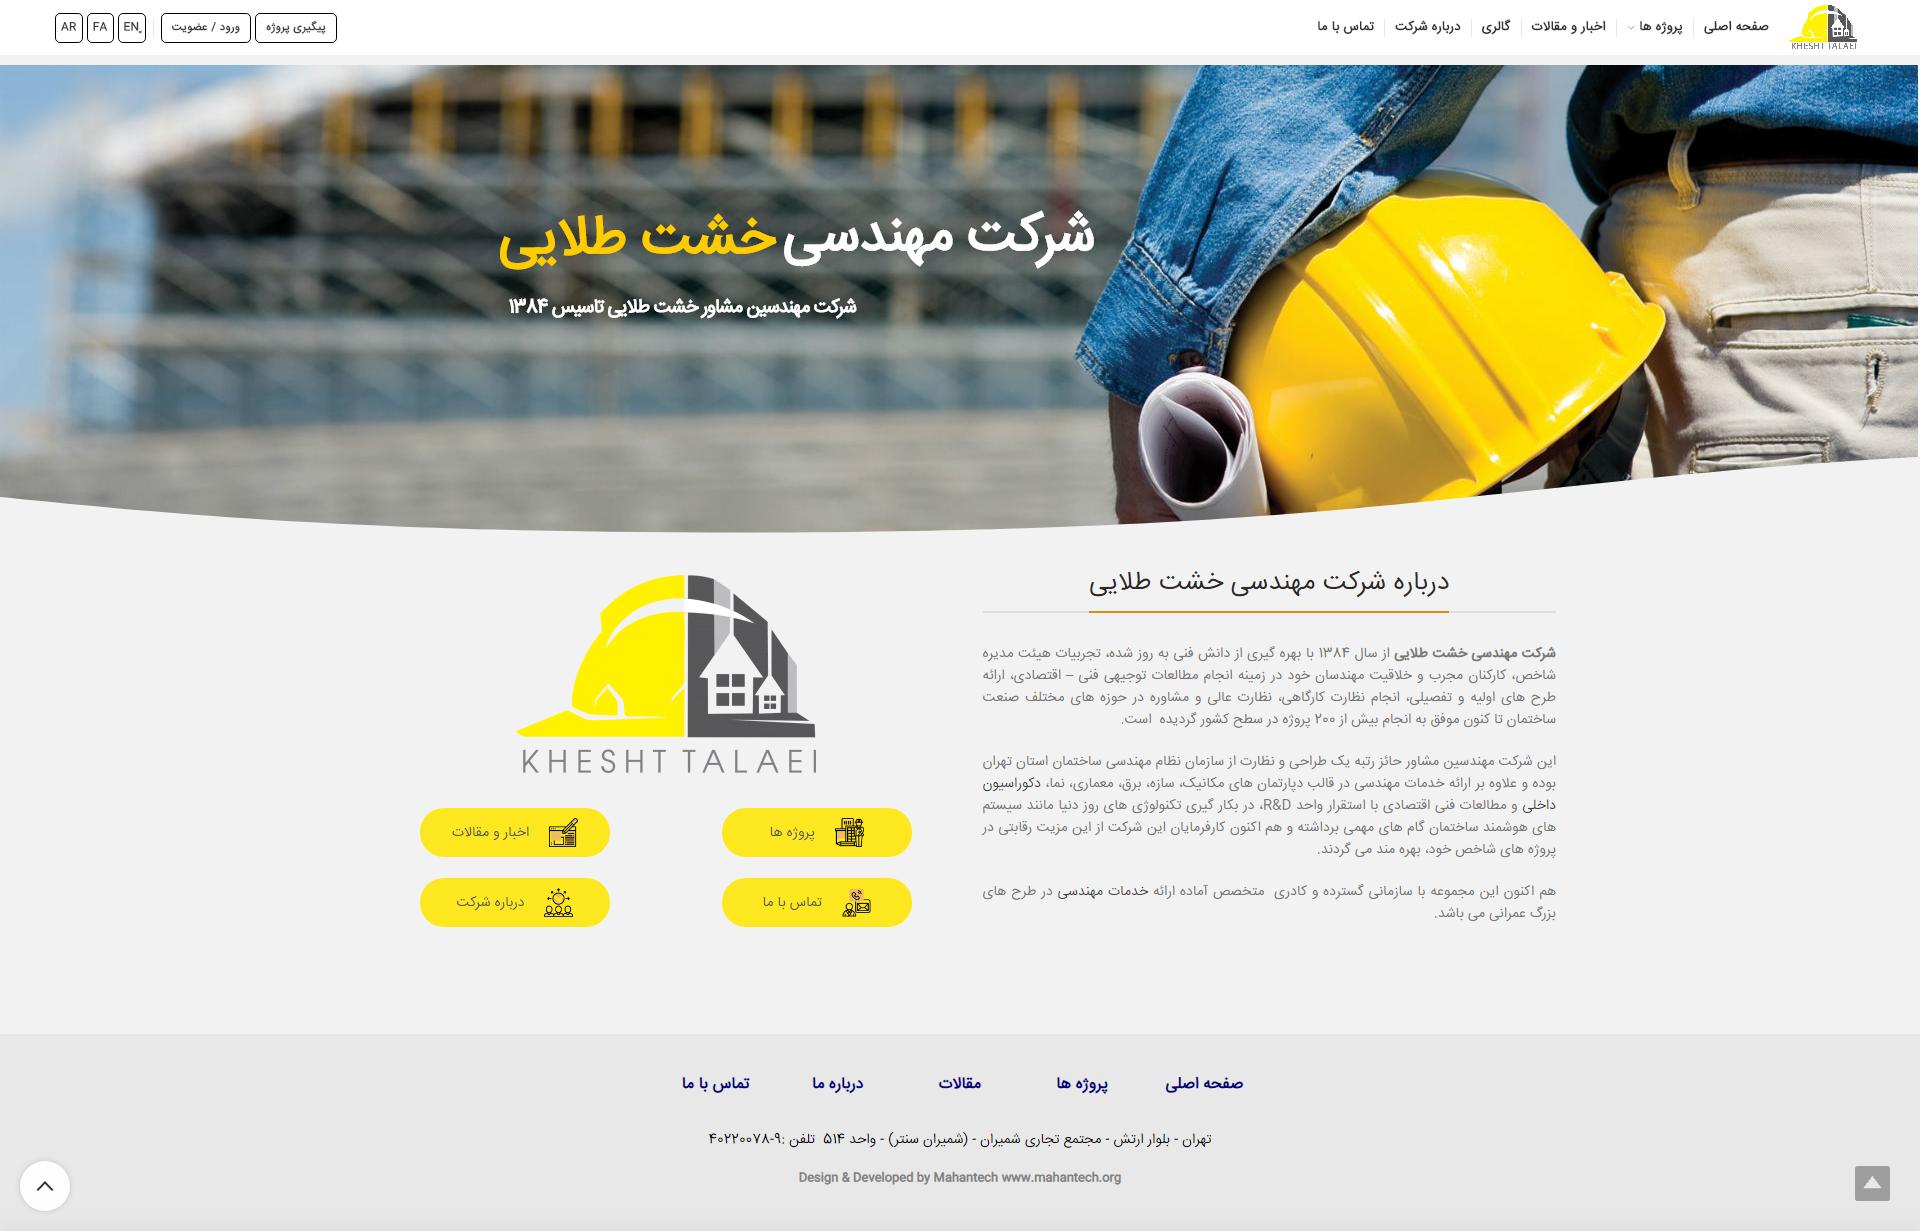 طراحی سایت خشت طلایی